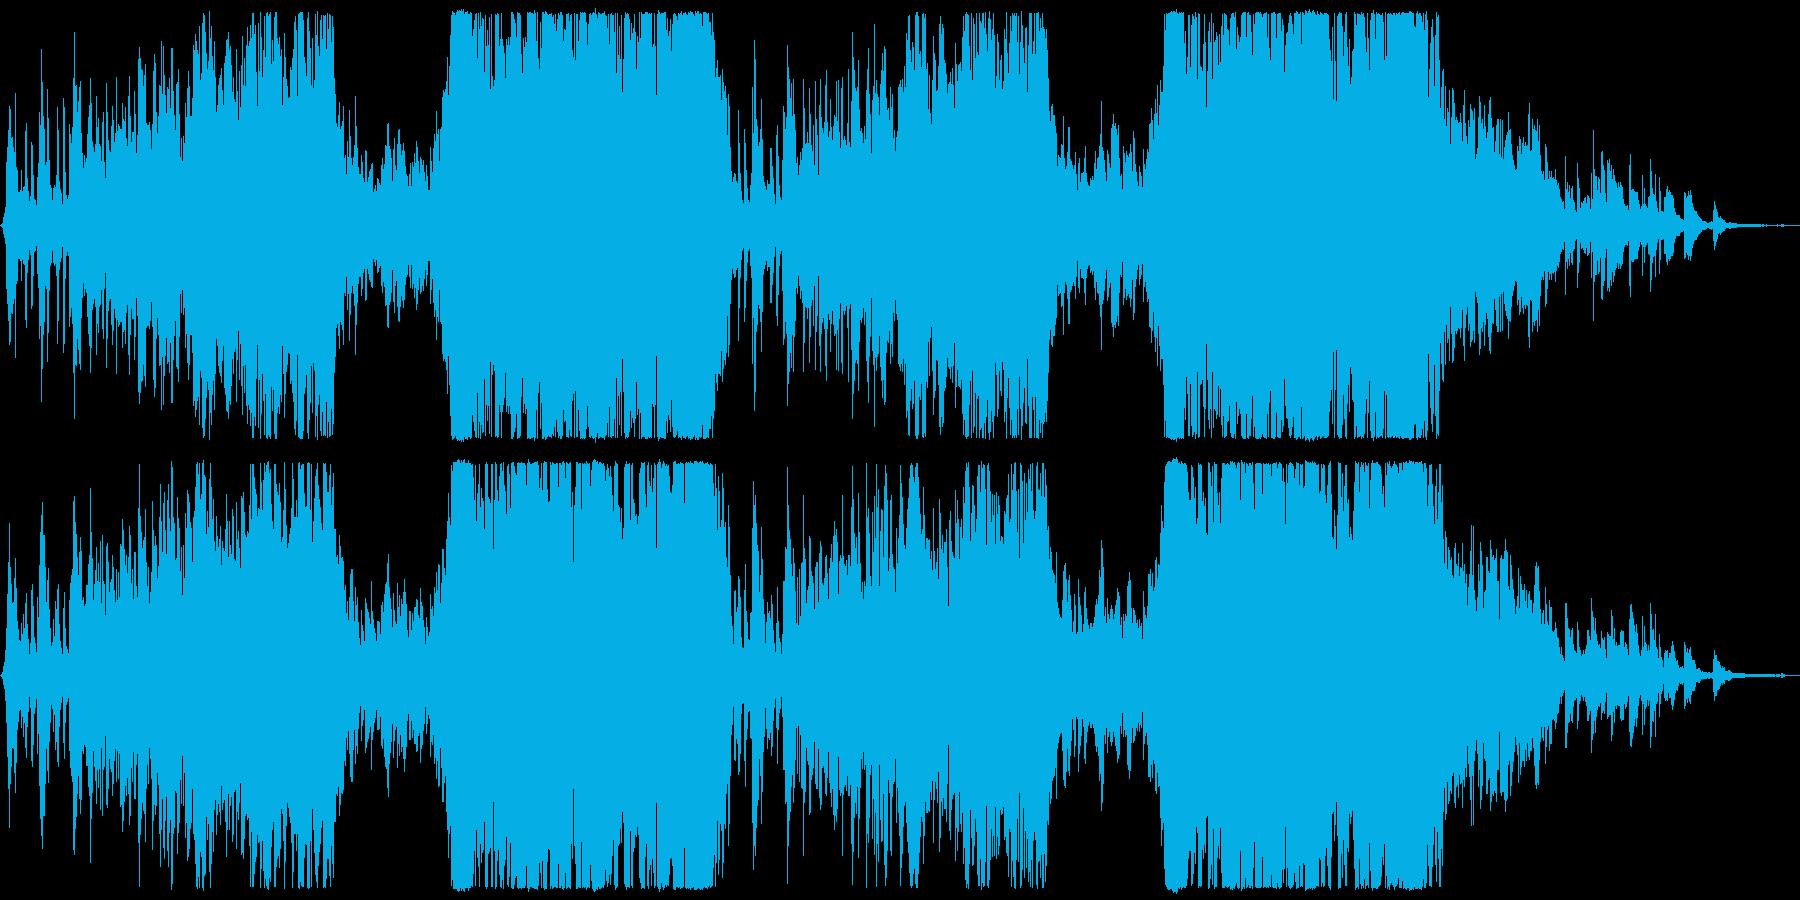 ポジティブな壮大ポップオーケストラの再生済みの波形